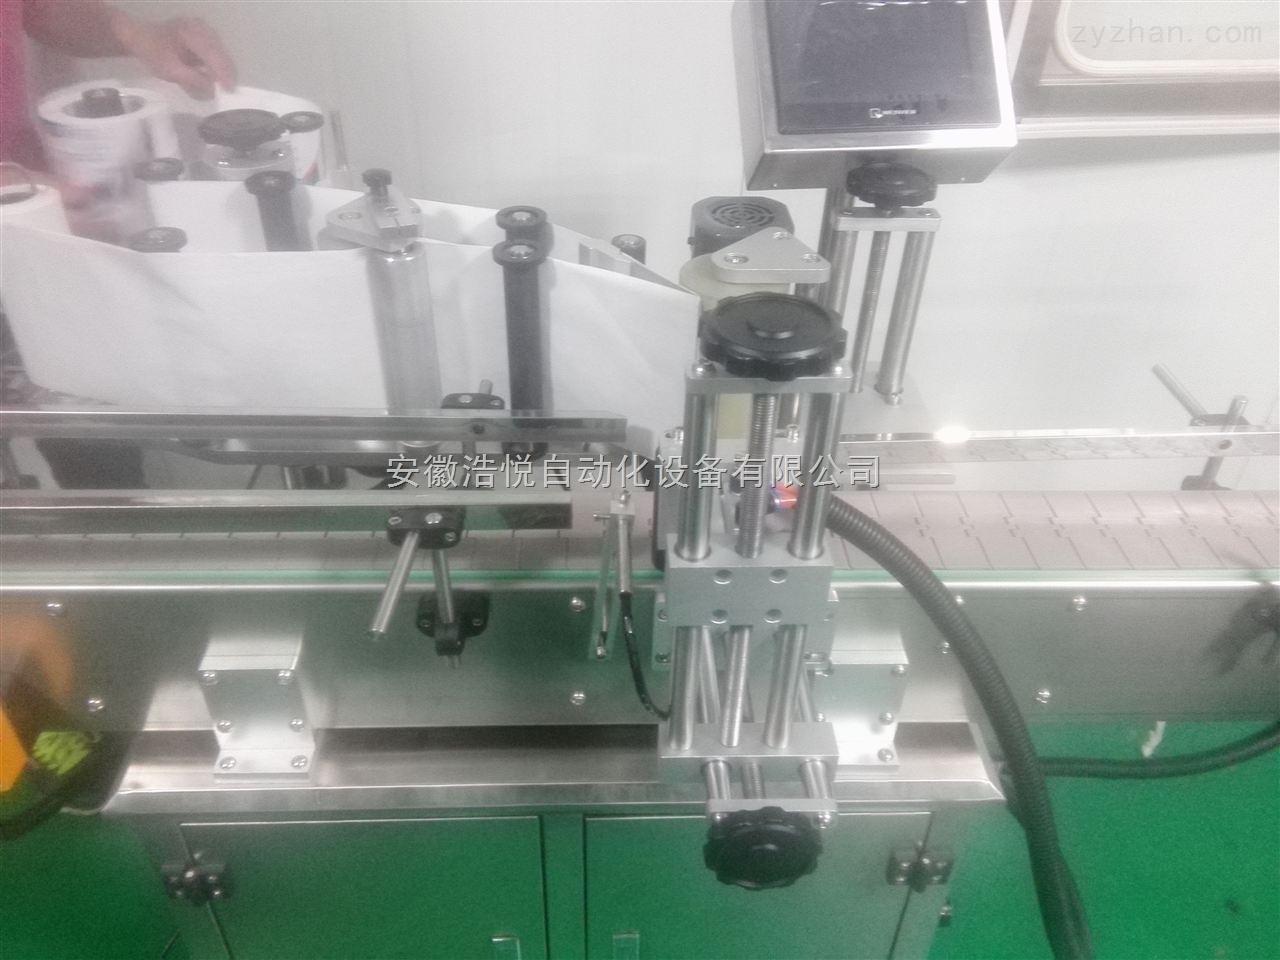 安徽TM-220圆瓶自动贴标机厂家直销